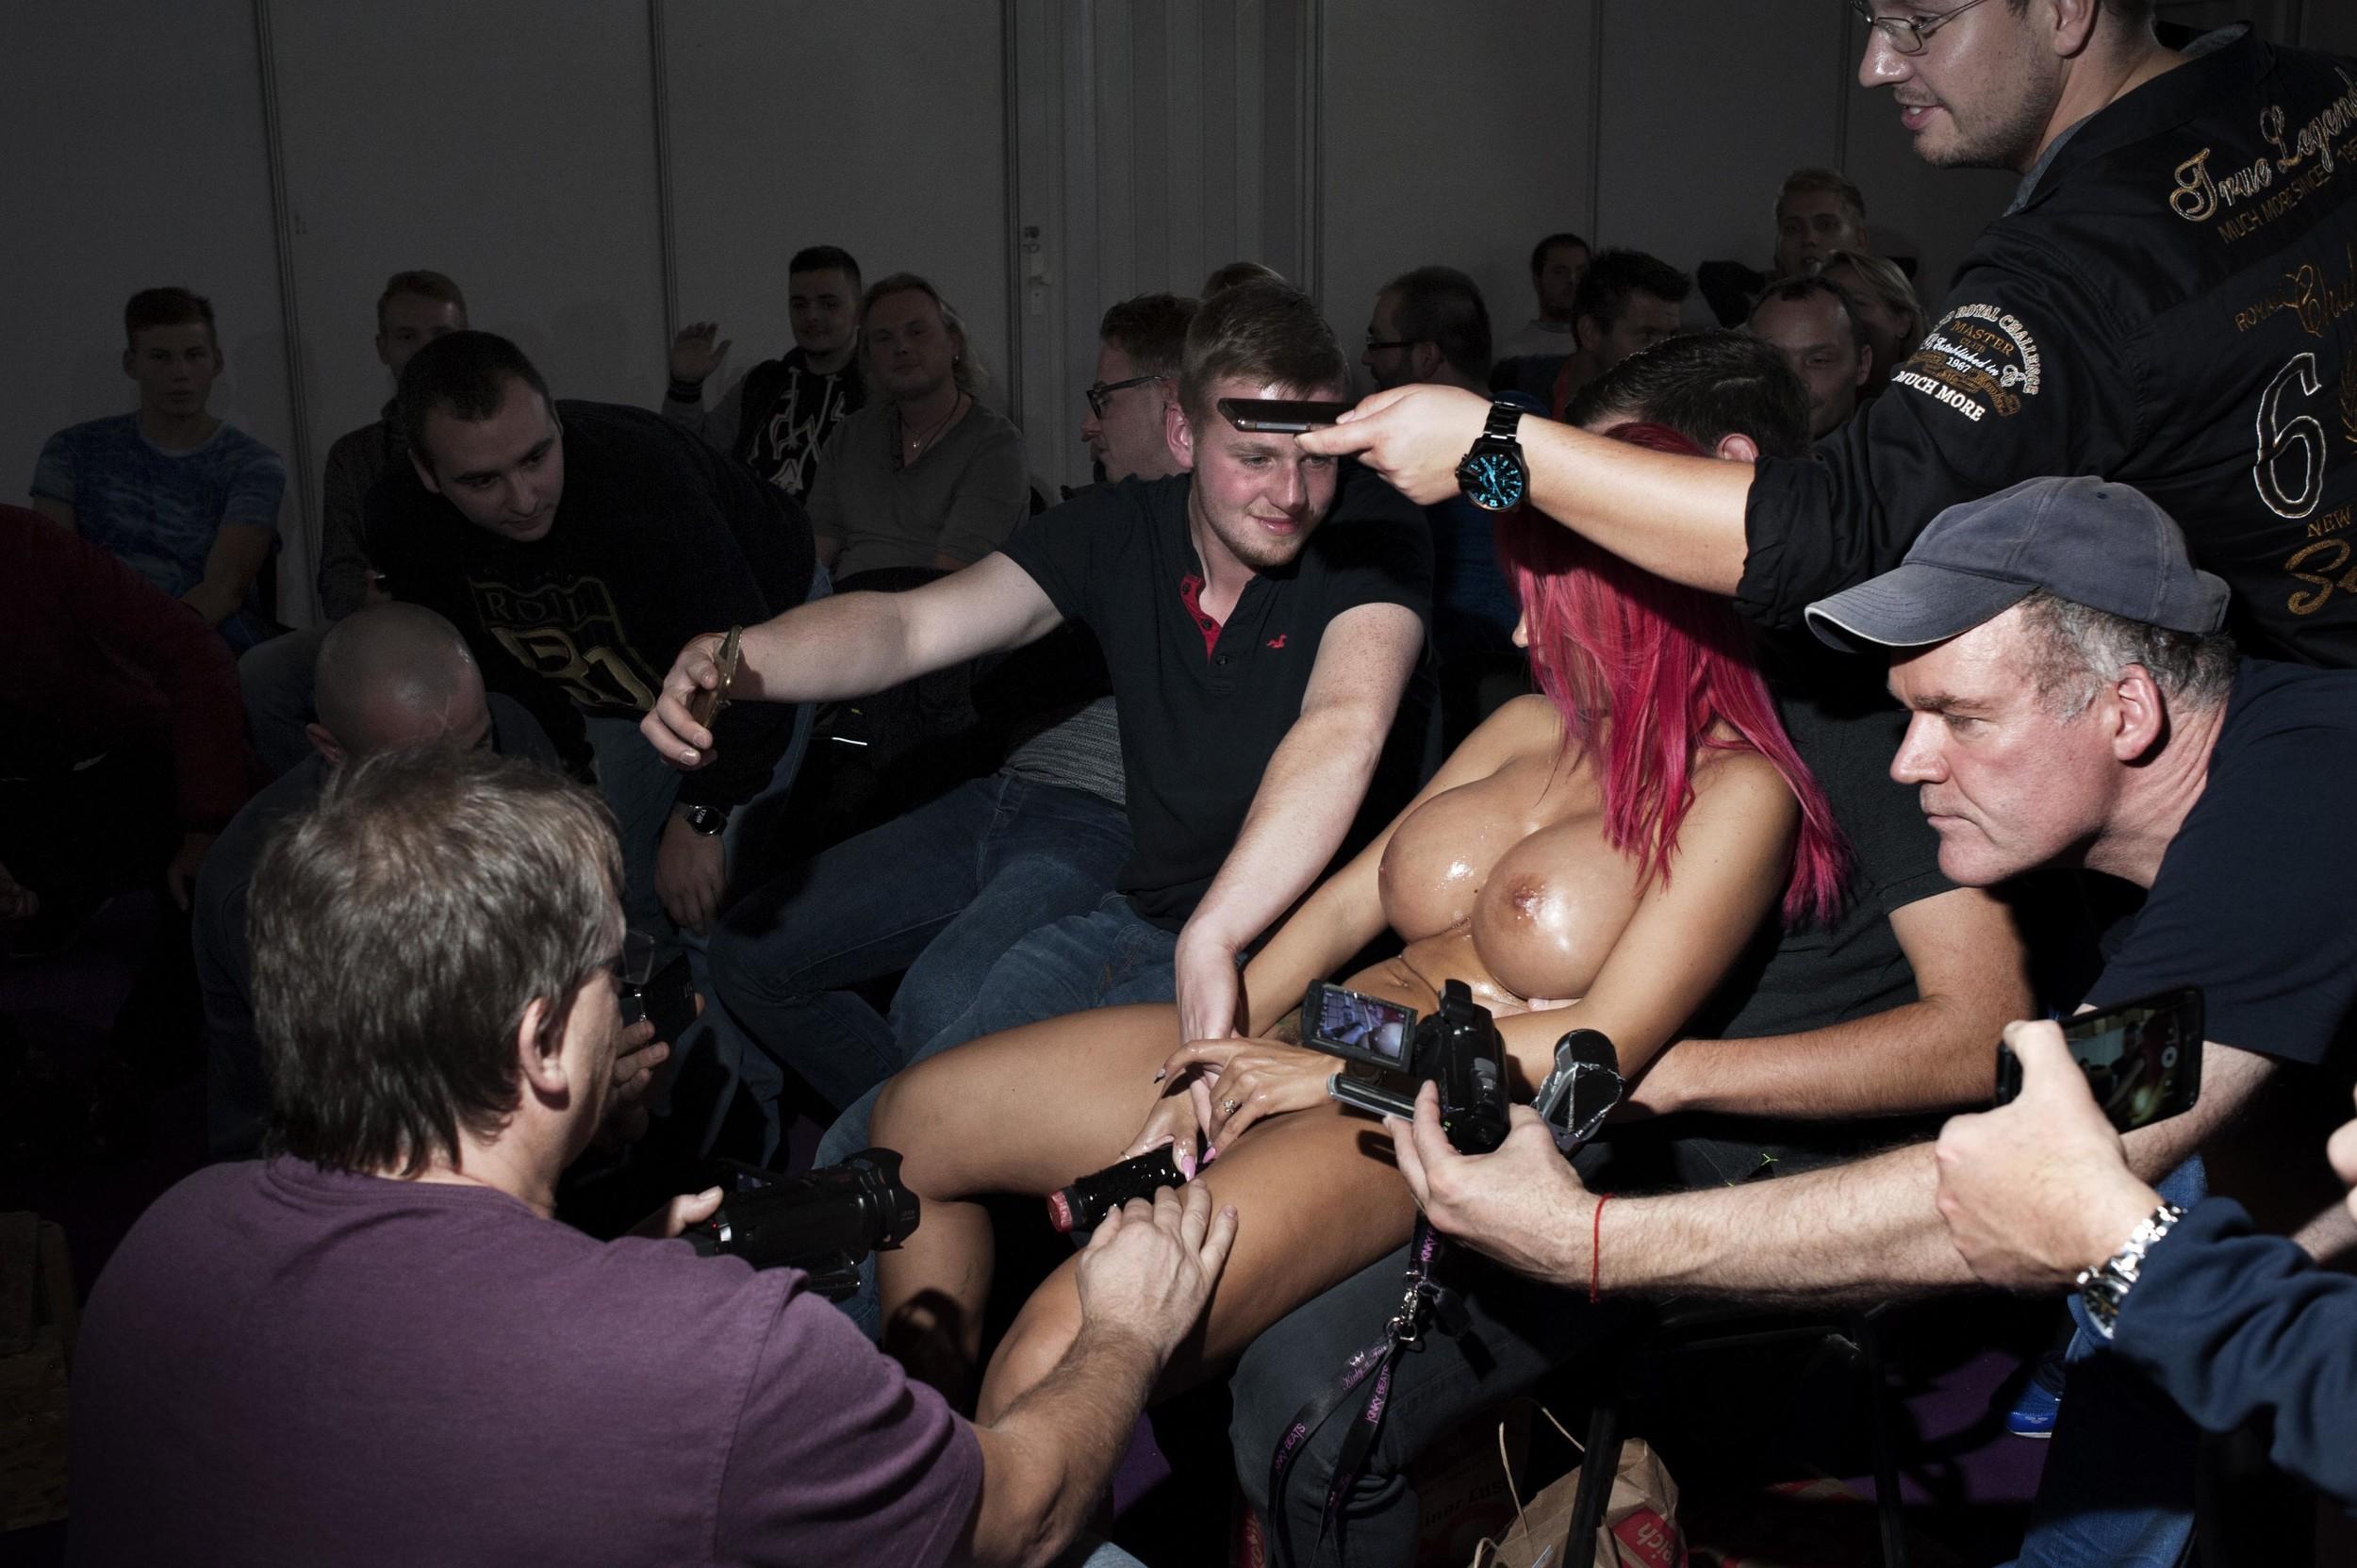 fetish klubb berlin hd porno netto